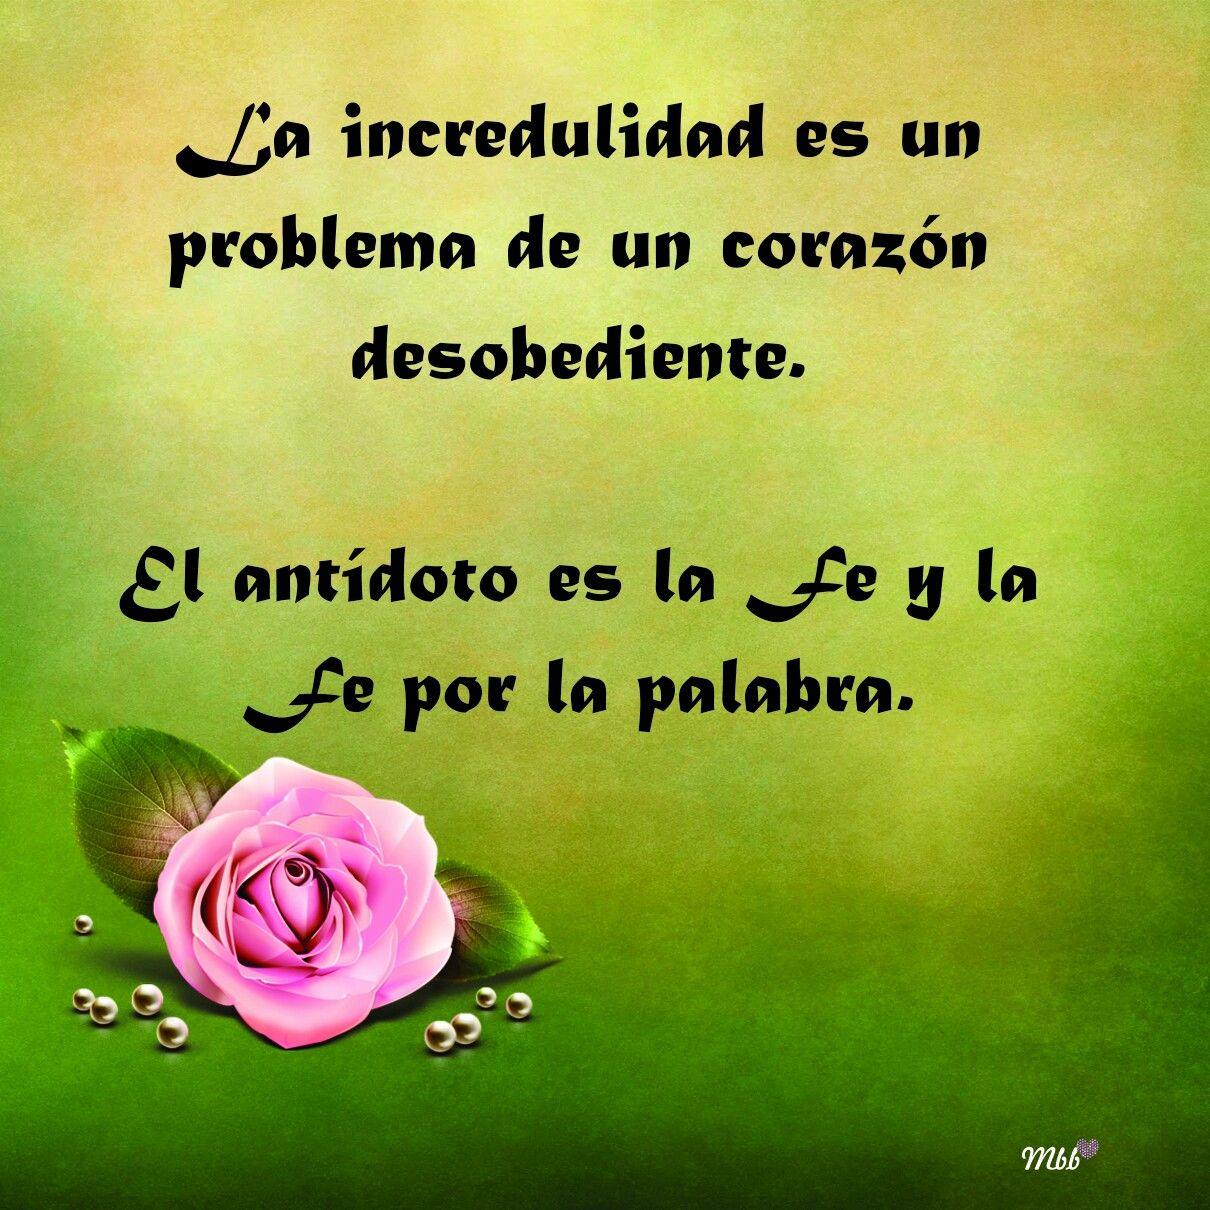 La incredulidad es un problema de un corazón desobediente.